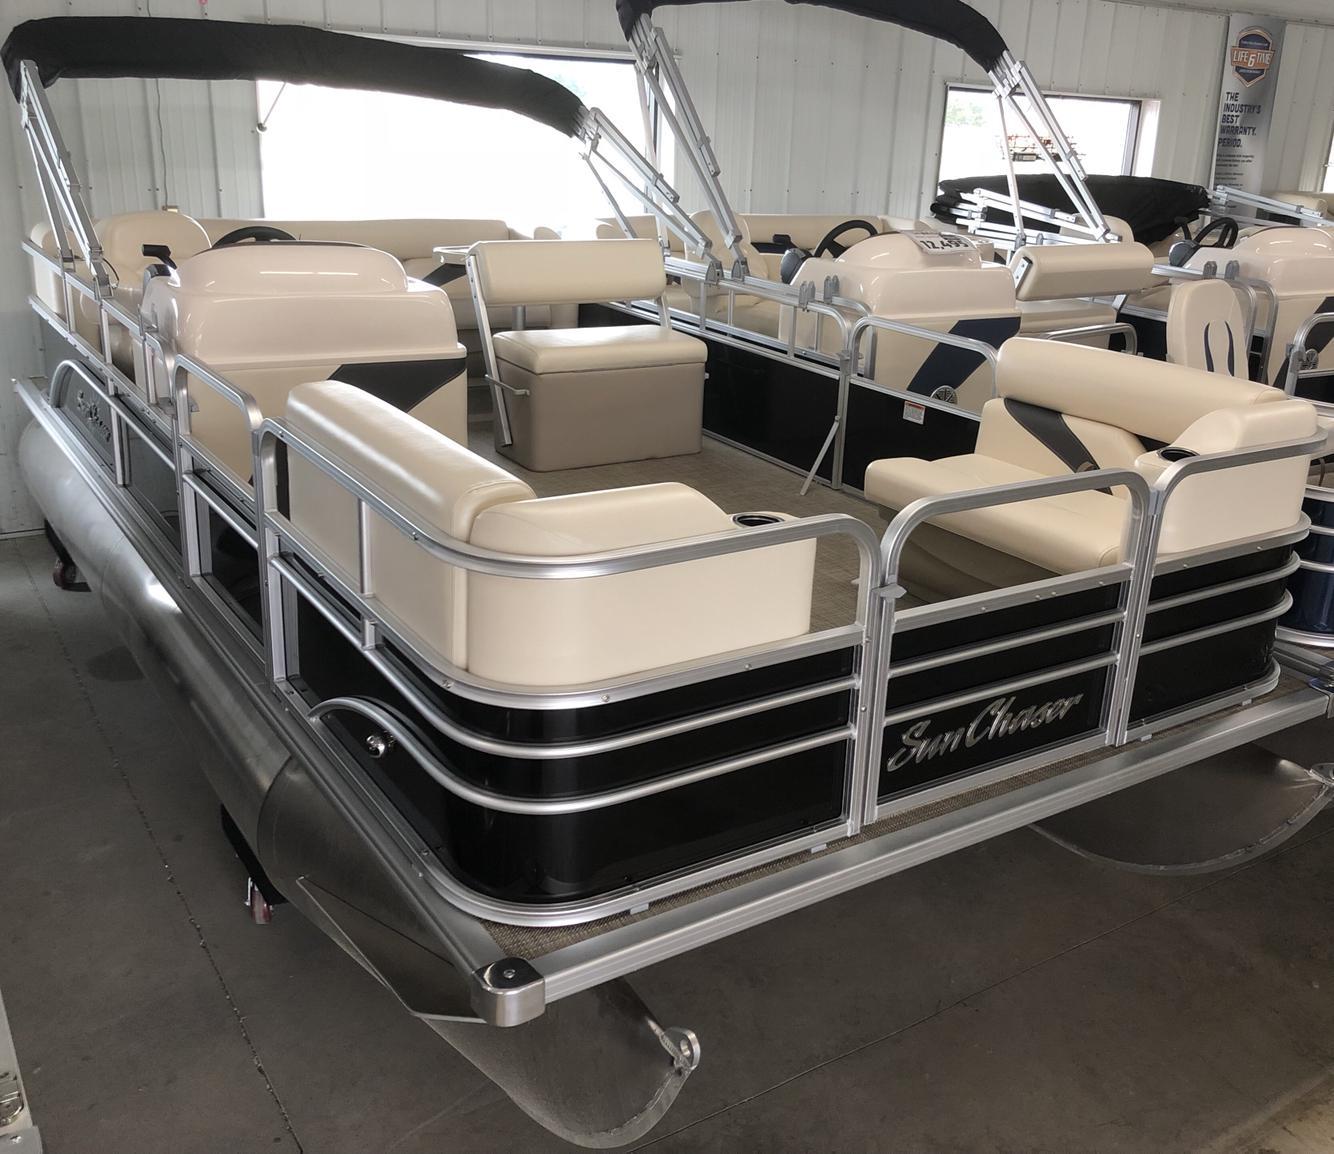 2021 SunChaser 818 Oasis Cruise thumbnail